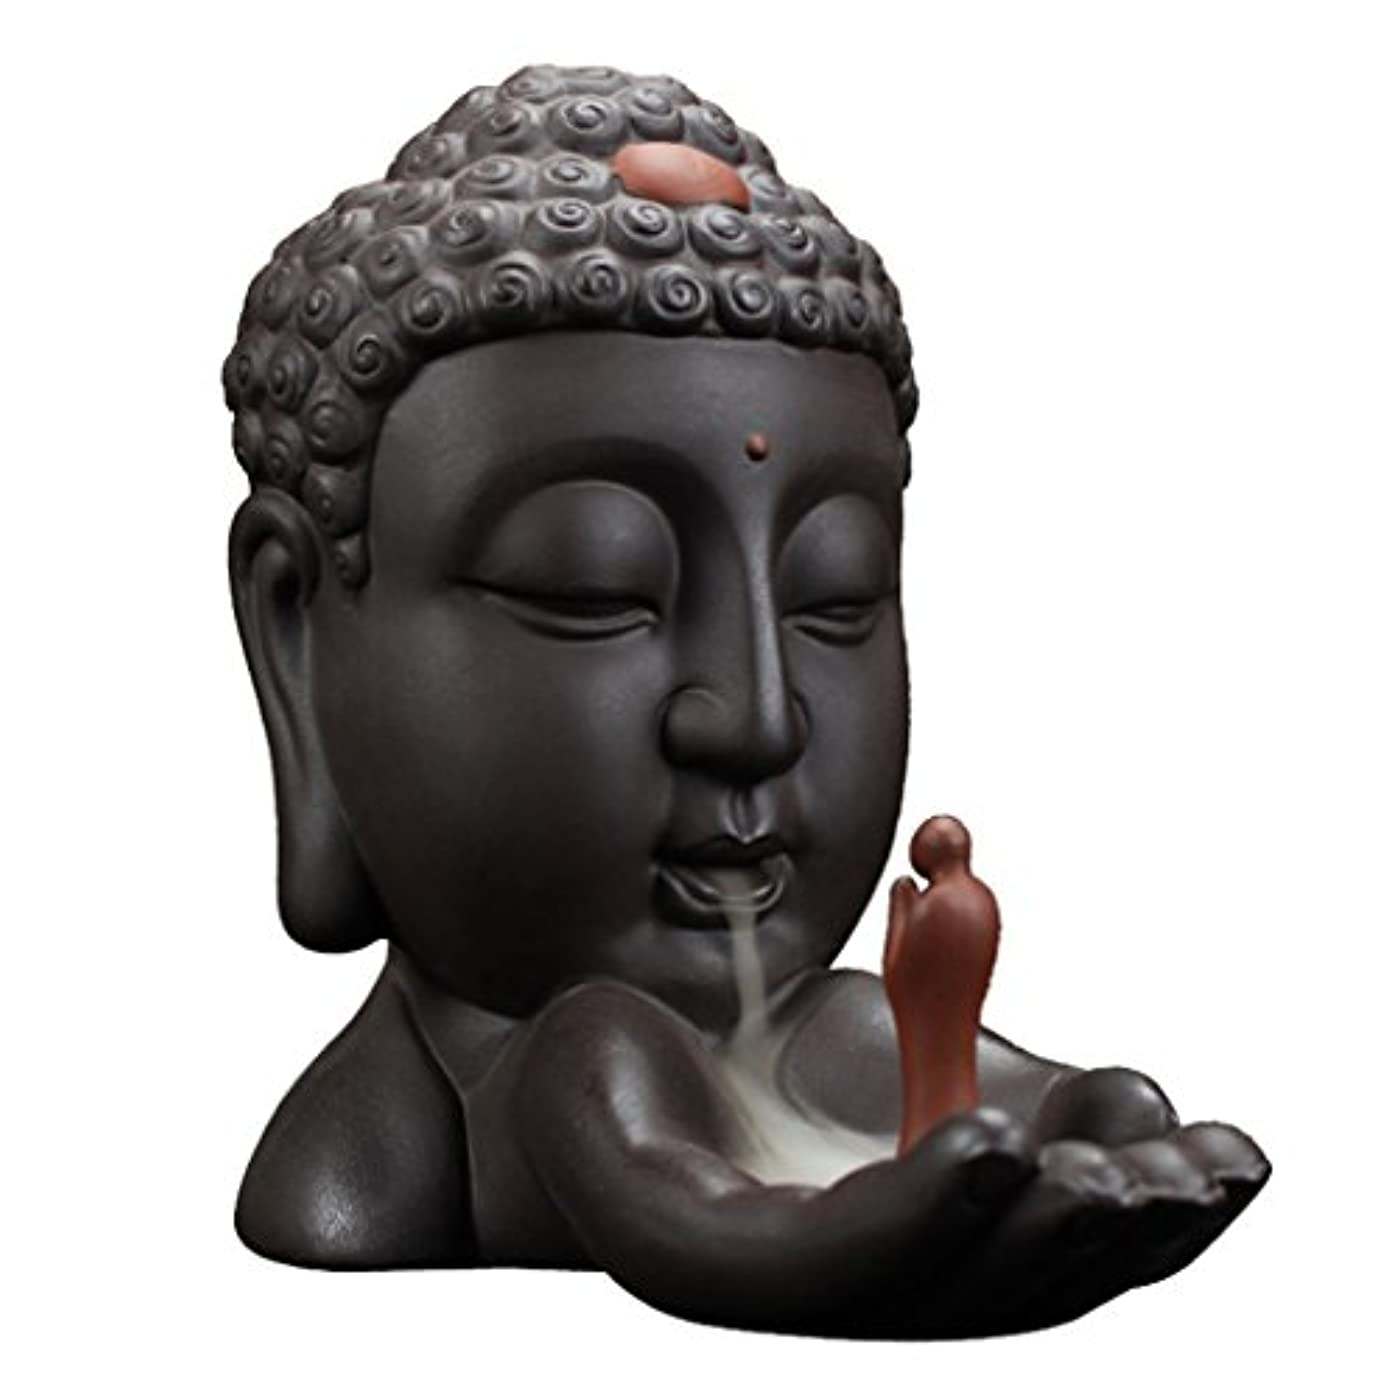 信念クスコ蒸発する仏教 香のバーナー セラミック スティック コーン ホルダー 逆流 バーナー 香炉